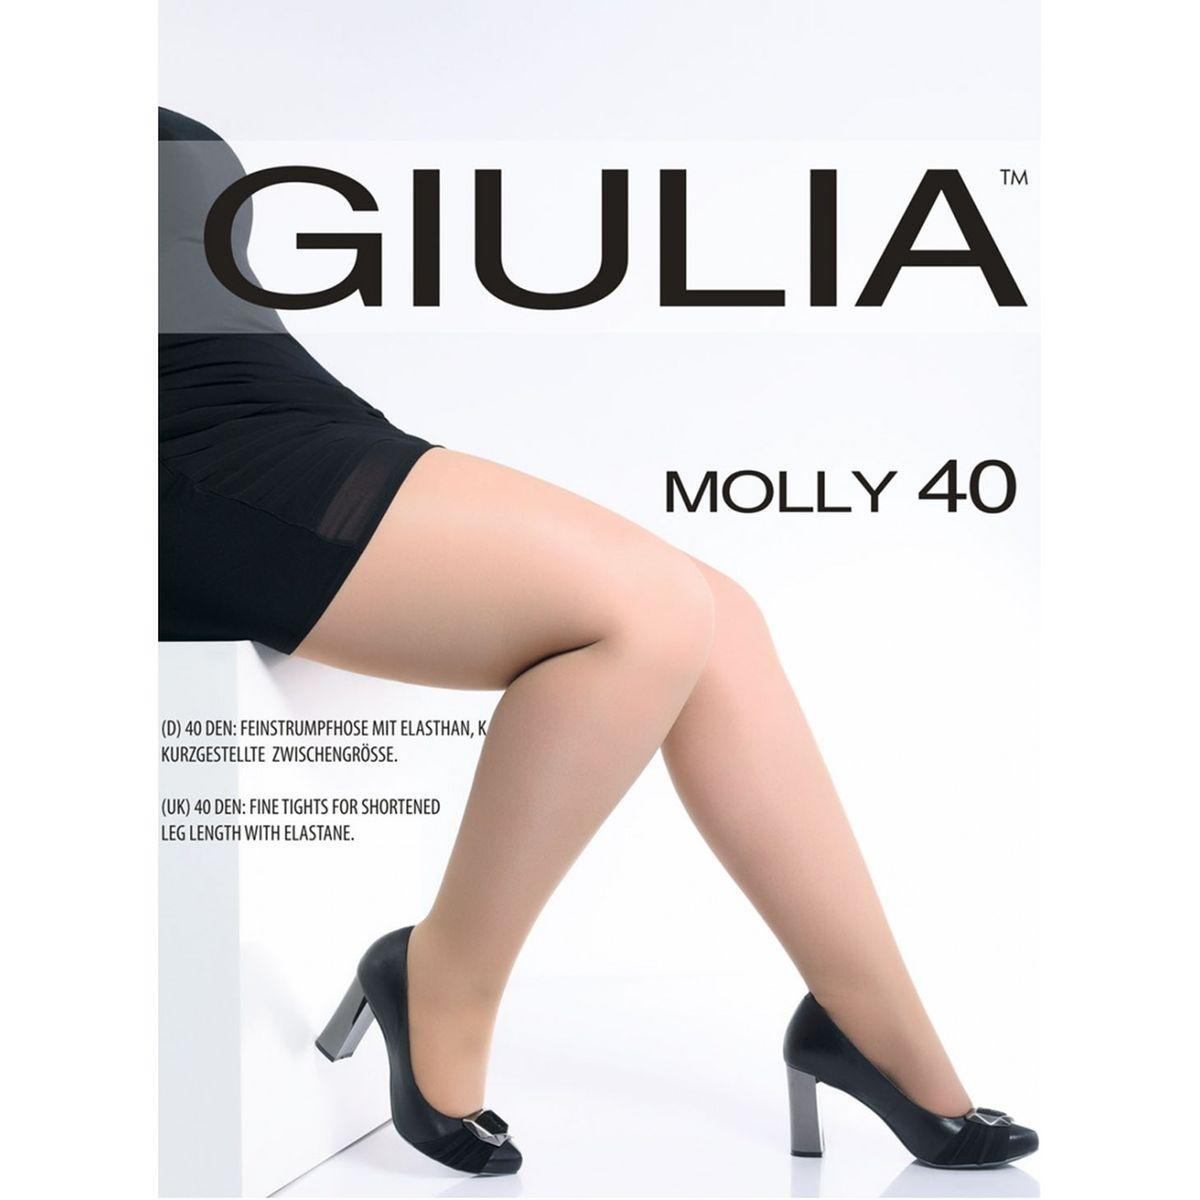 Collant grande taille GIULIA Molly 40 D